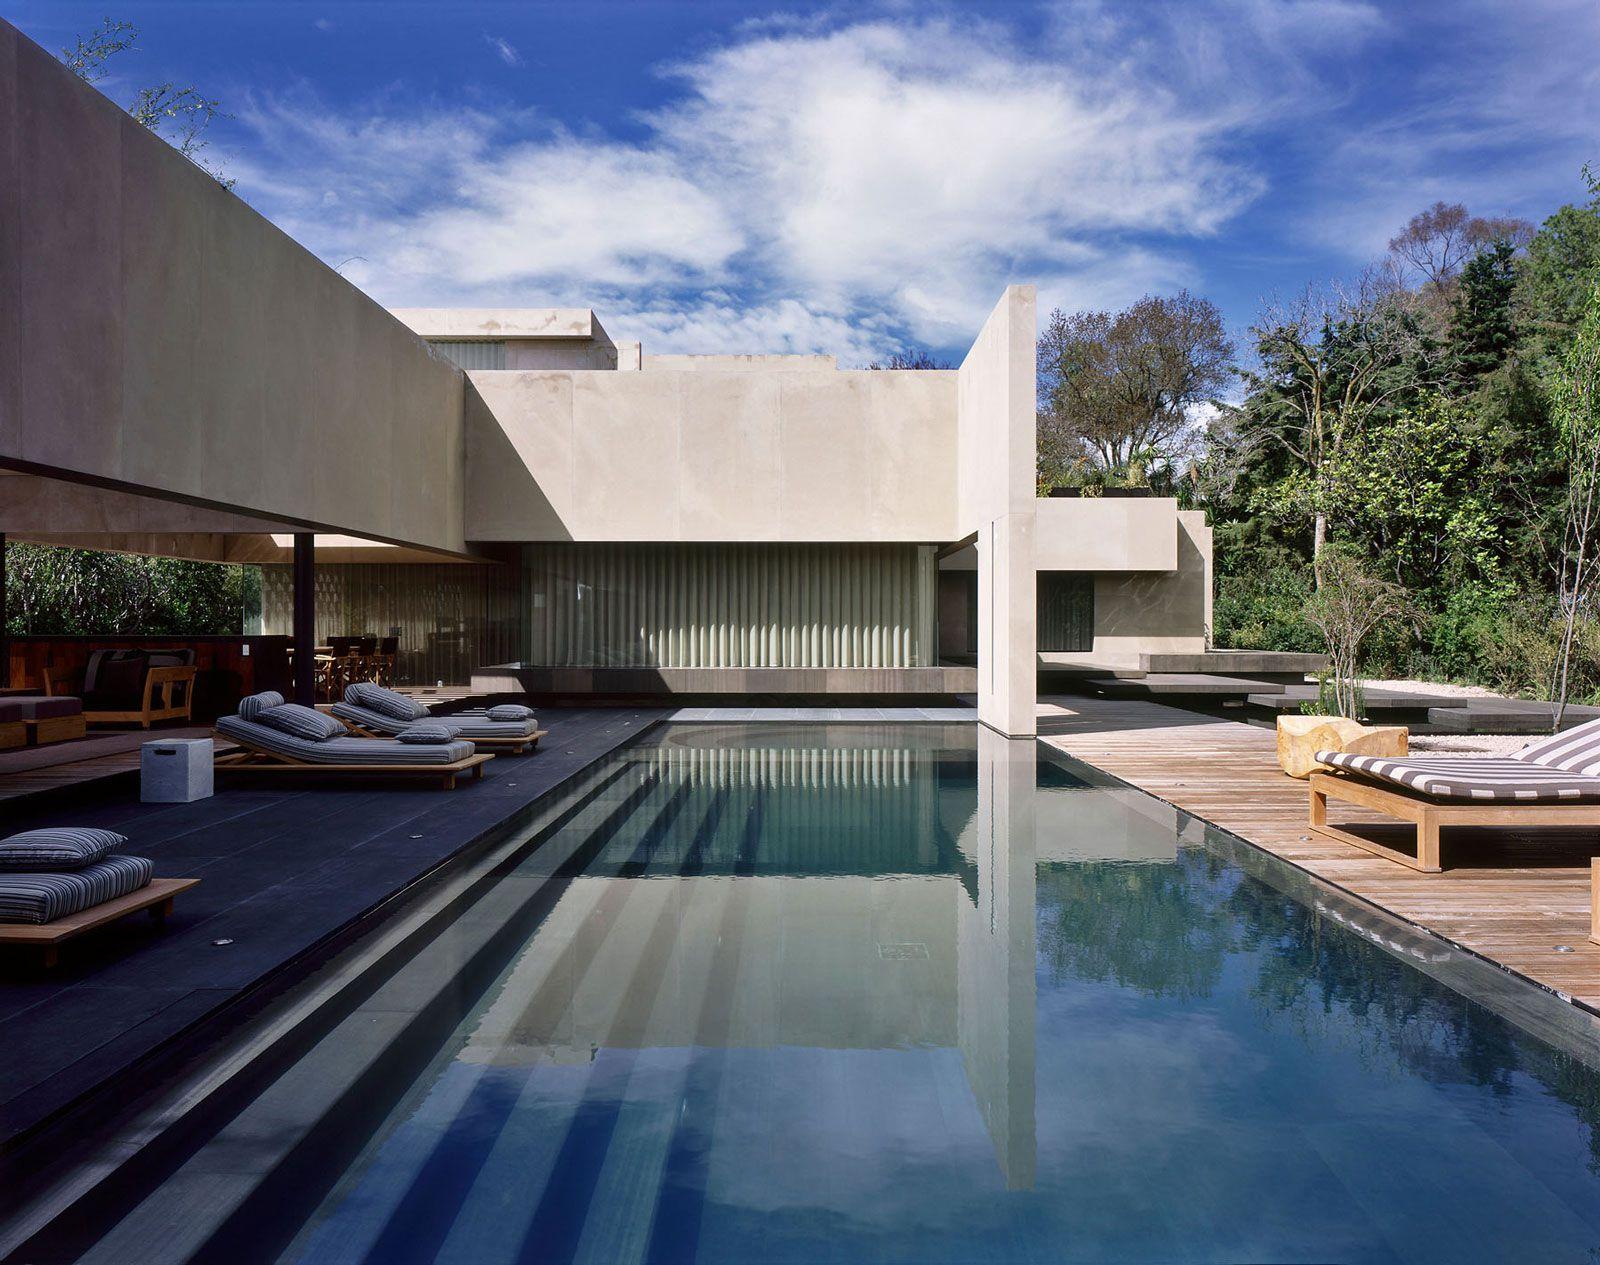 Casa reforma by central de arquitectura caandesign - Arquitectura de casas ...